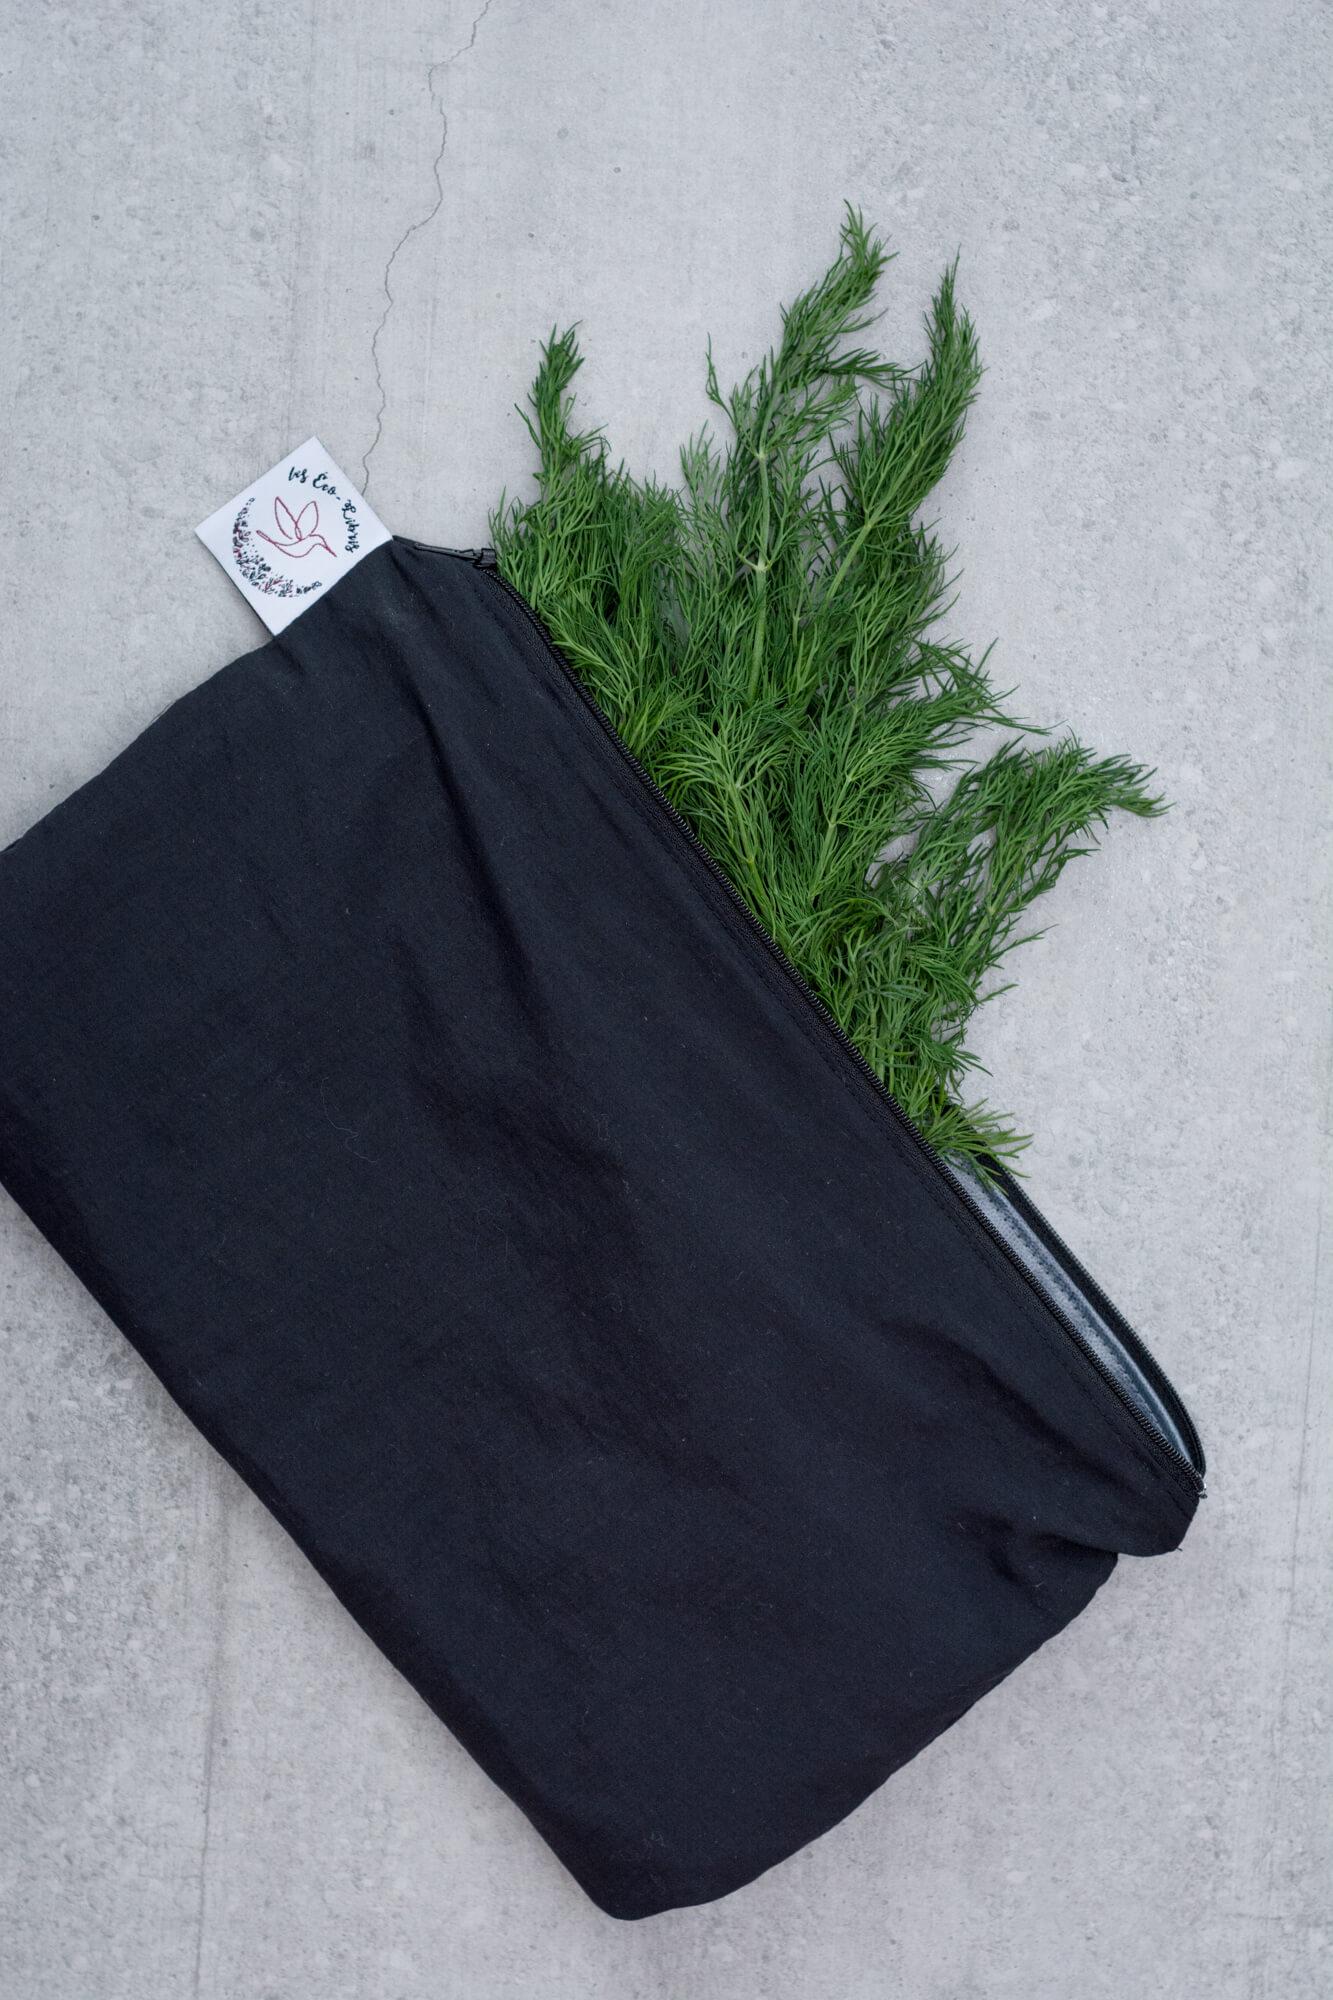 Conserver vos fines herbes dans des sacs réutilisables